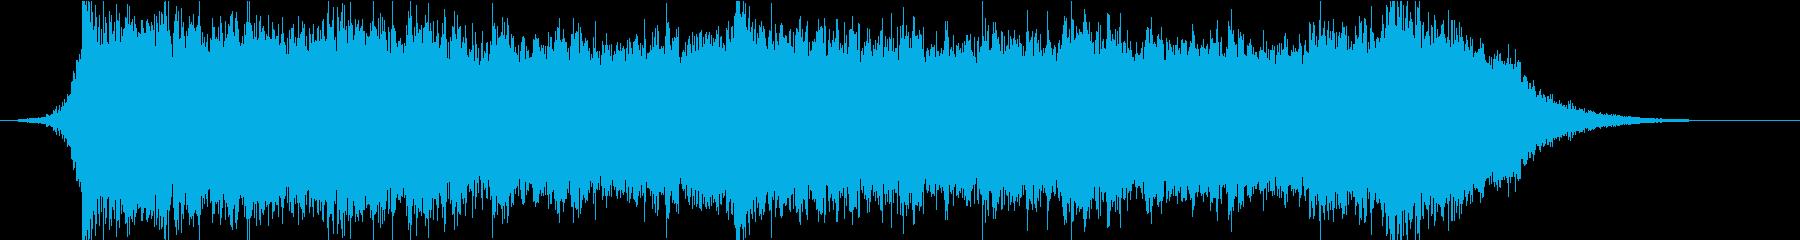 現代の交響曲 クラシック交響曲 前...の再生済みの波形